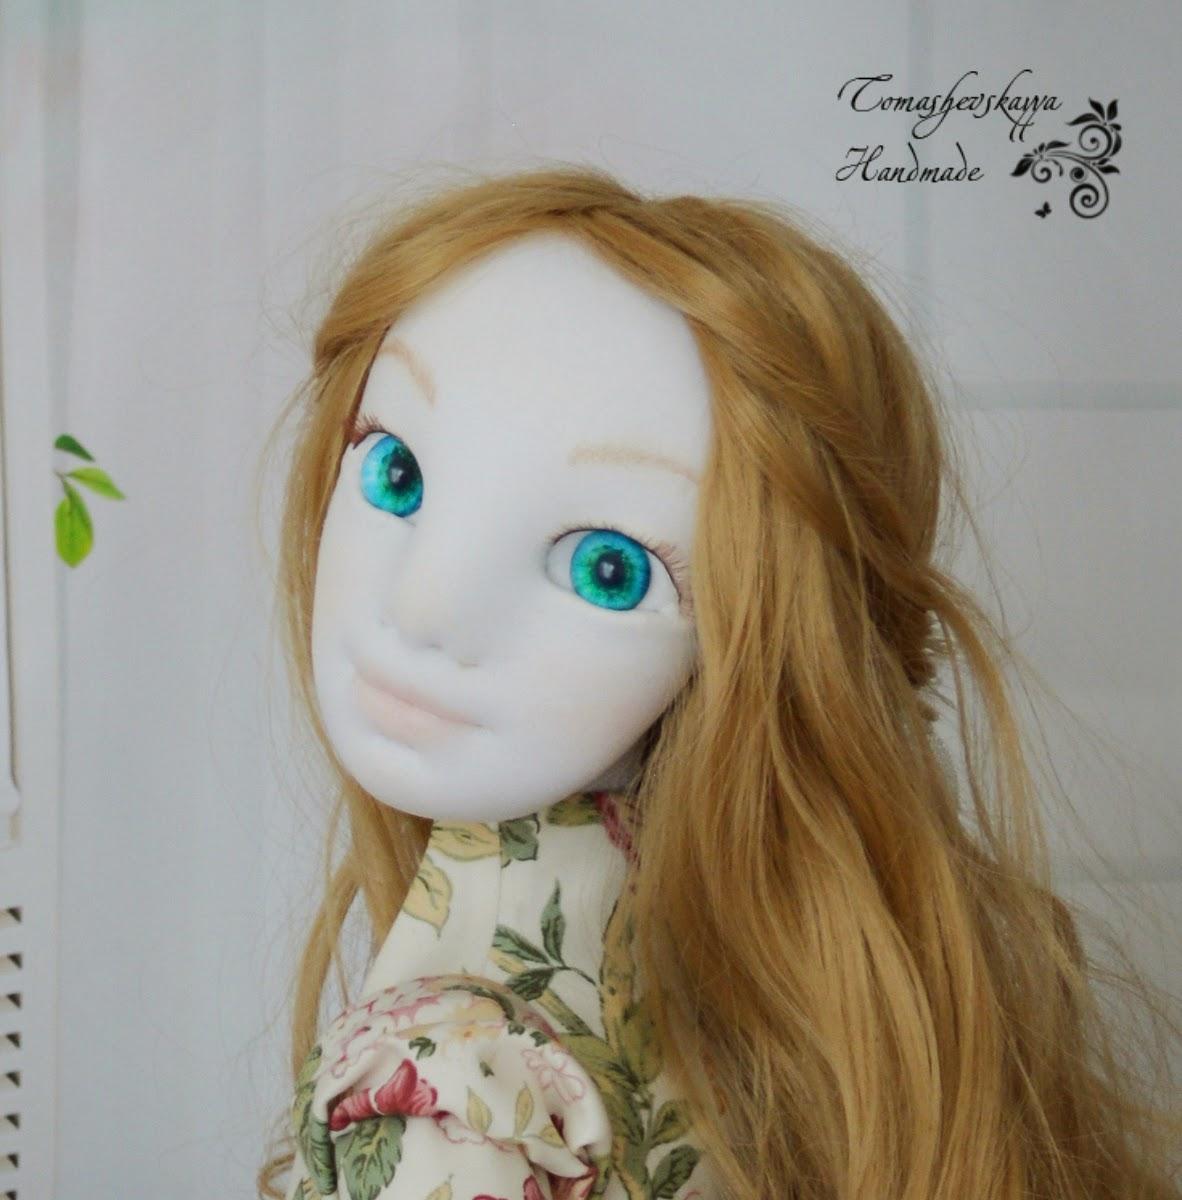 Кукла из ткани с объемным лицом